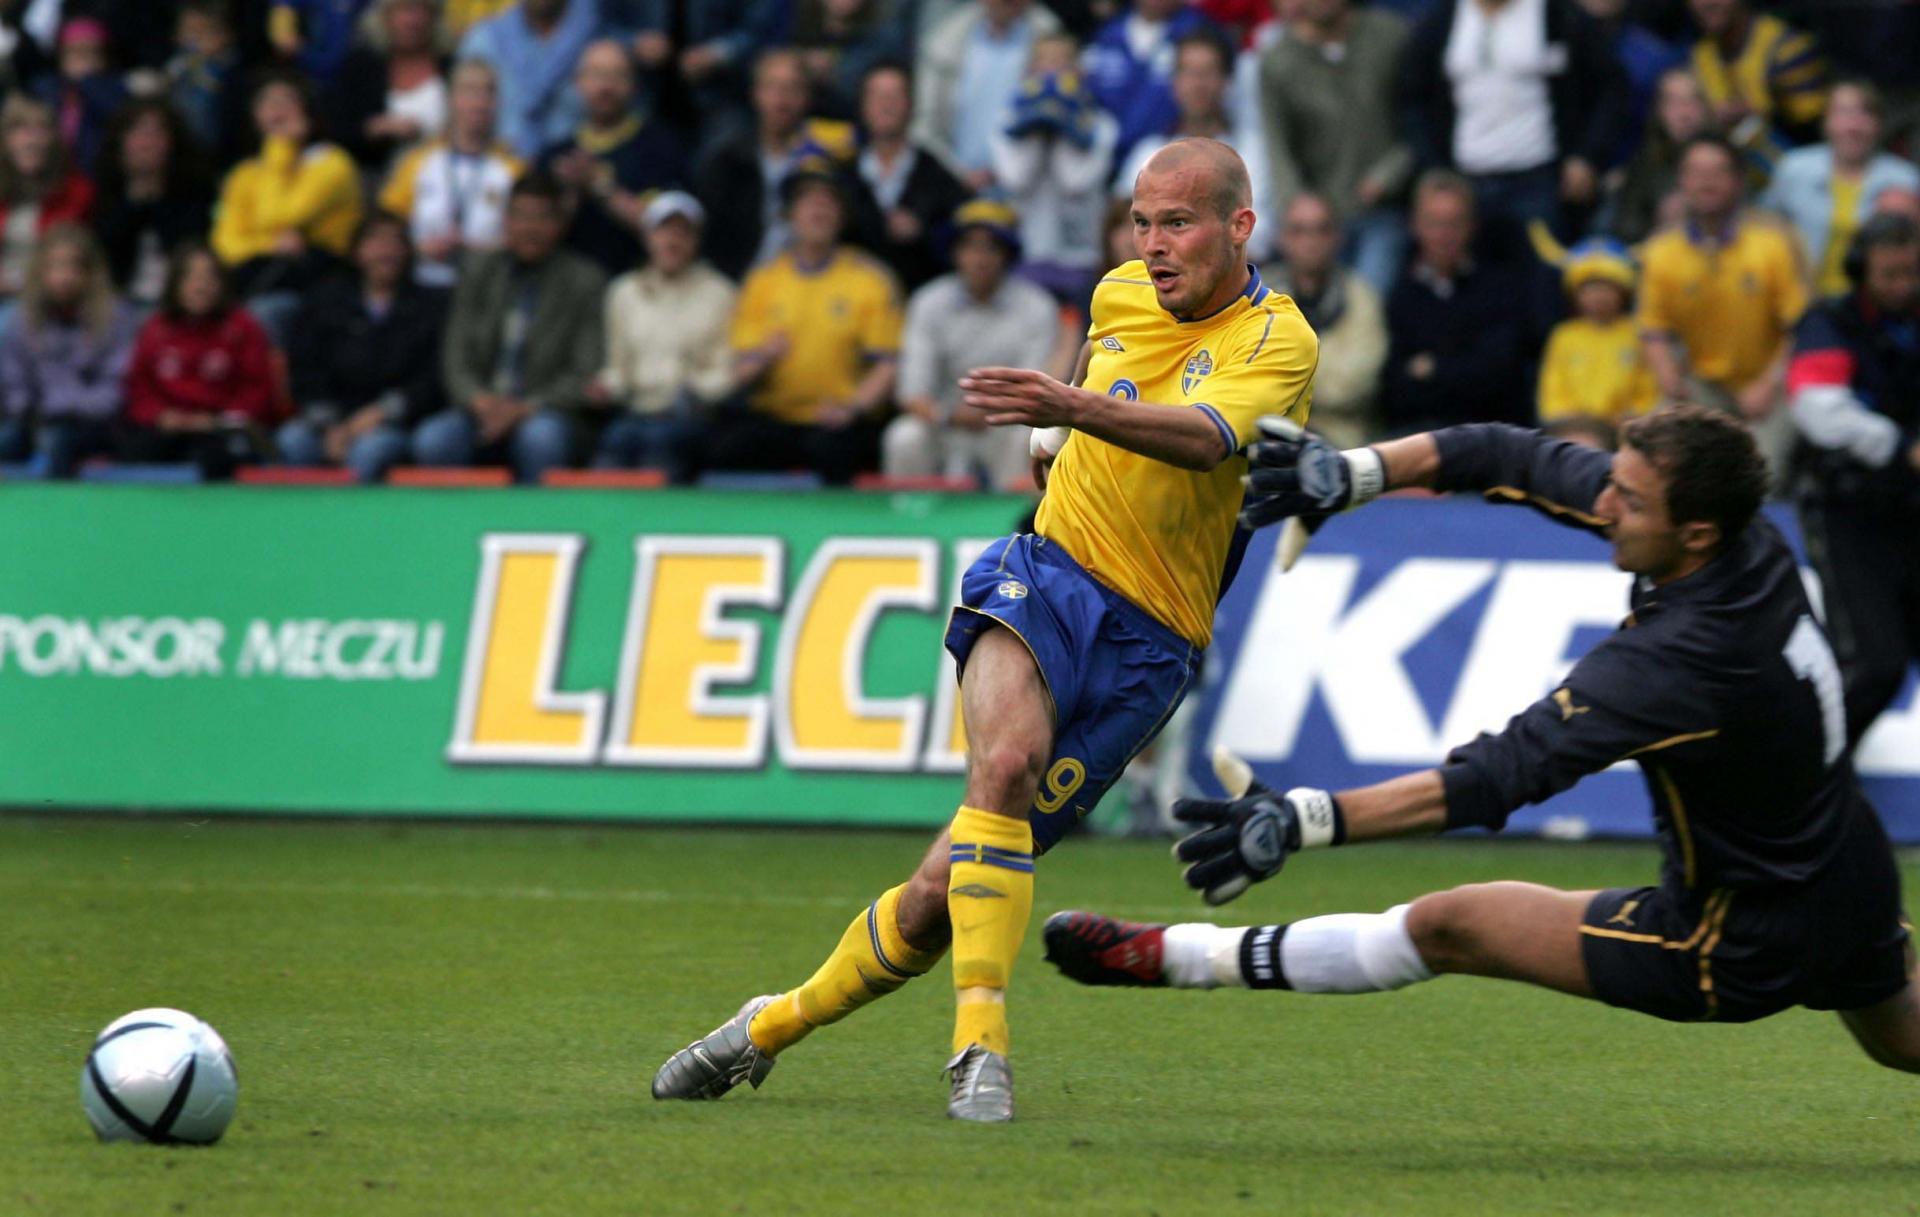 Fredrik Ljungberg próbuje zaskoczyć interweniującego Jerzego Dudka.